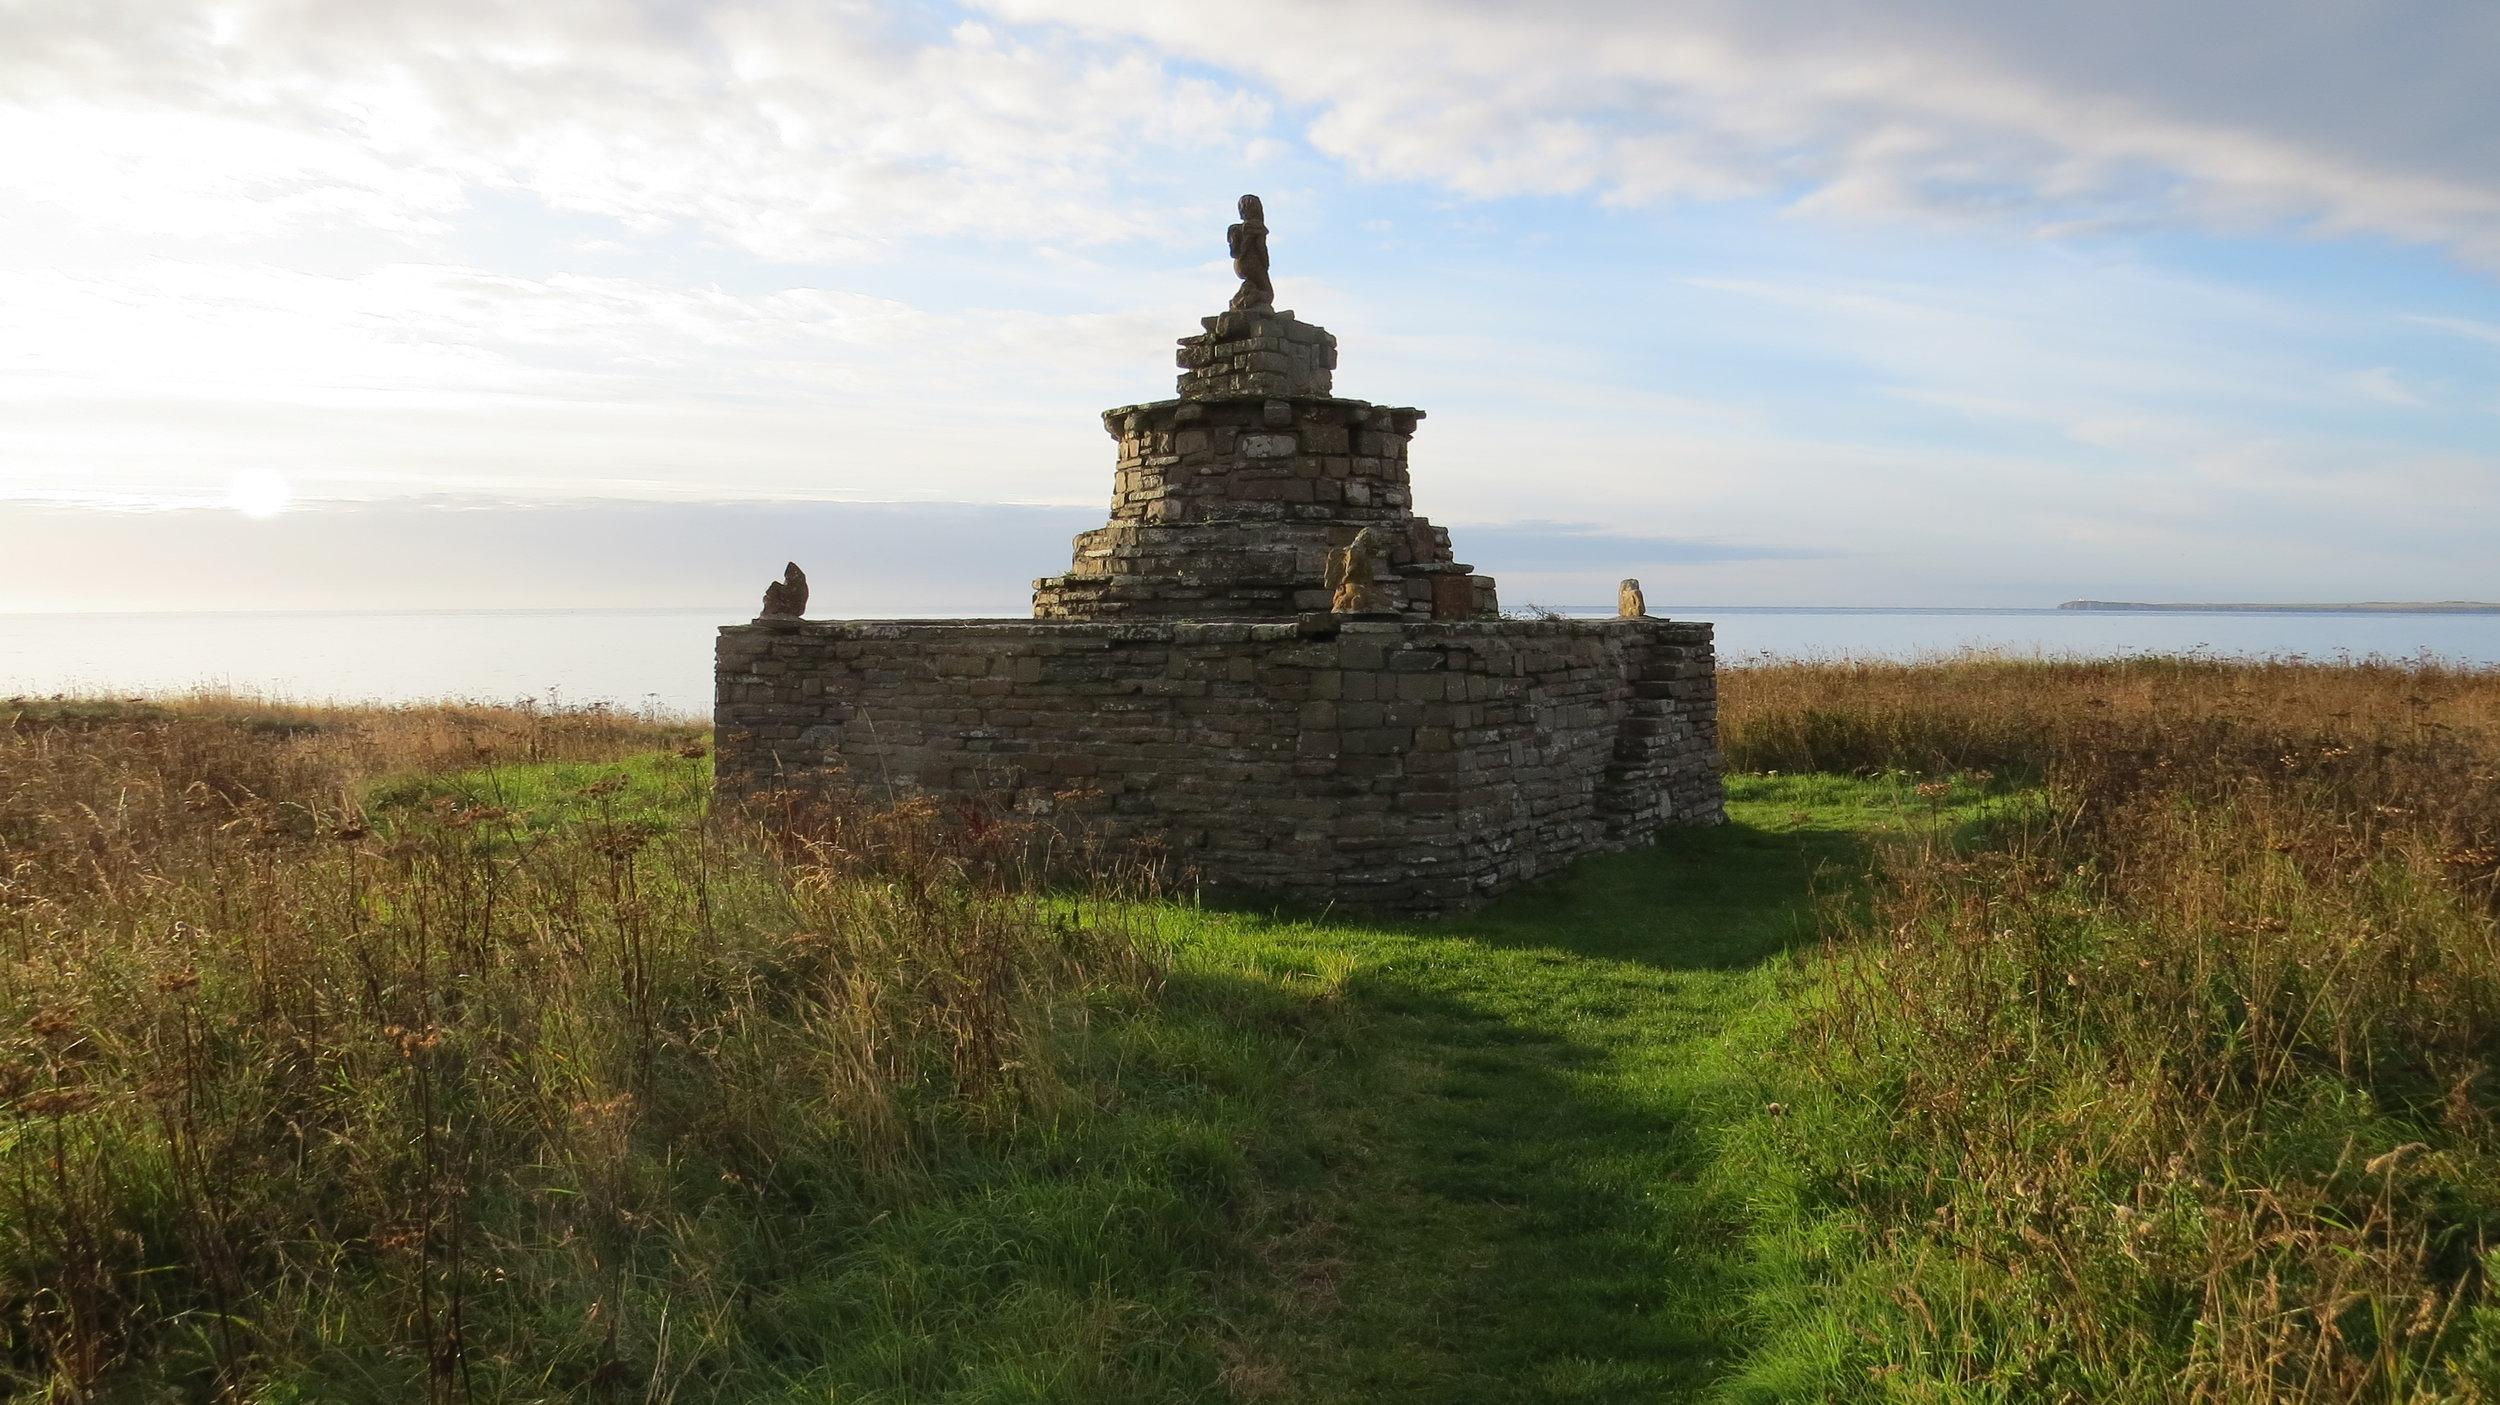 Mervyn Tower Monument